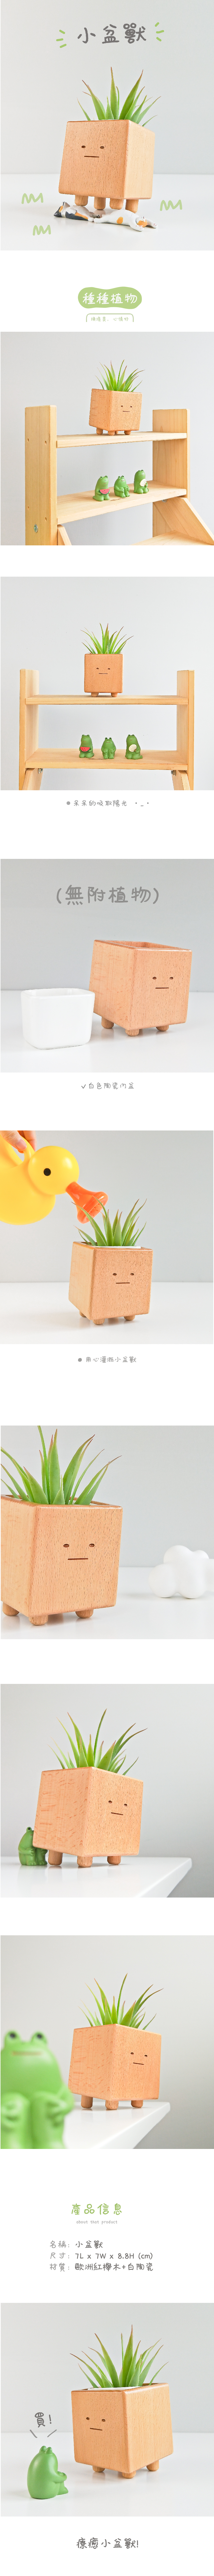 TOSMU童心木 小盆獸盆栽(歐洲櫸木)